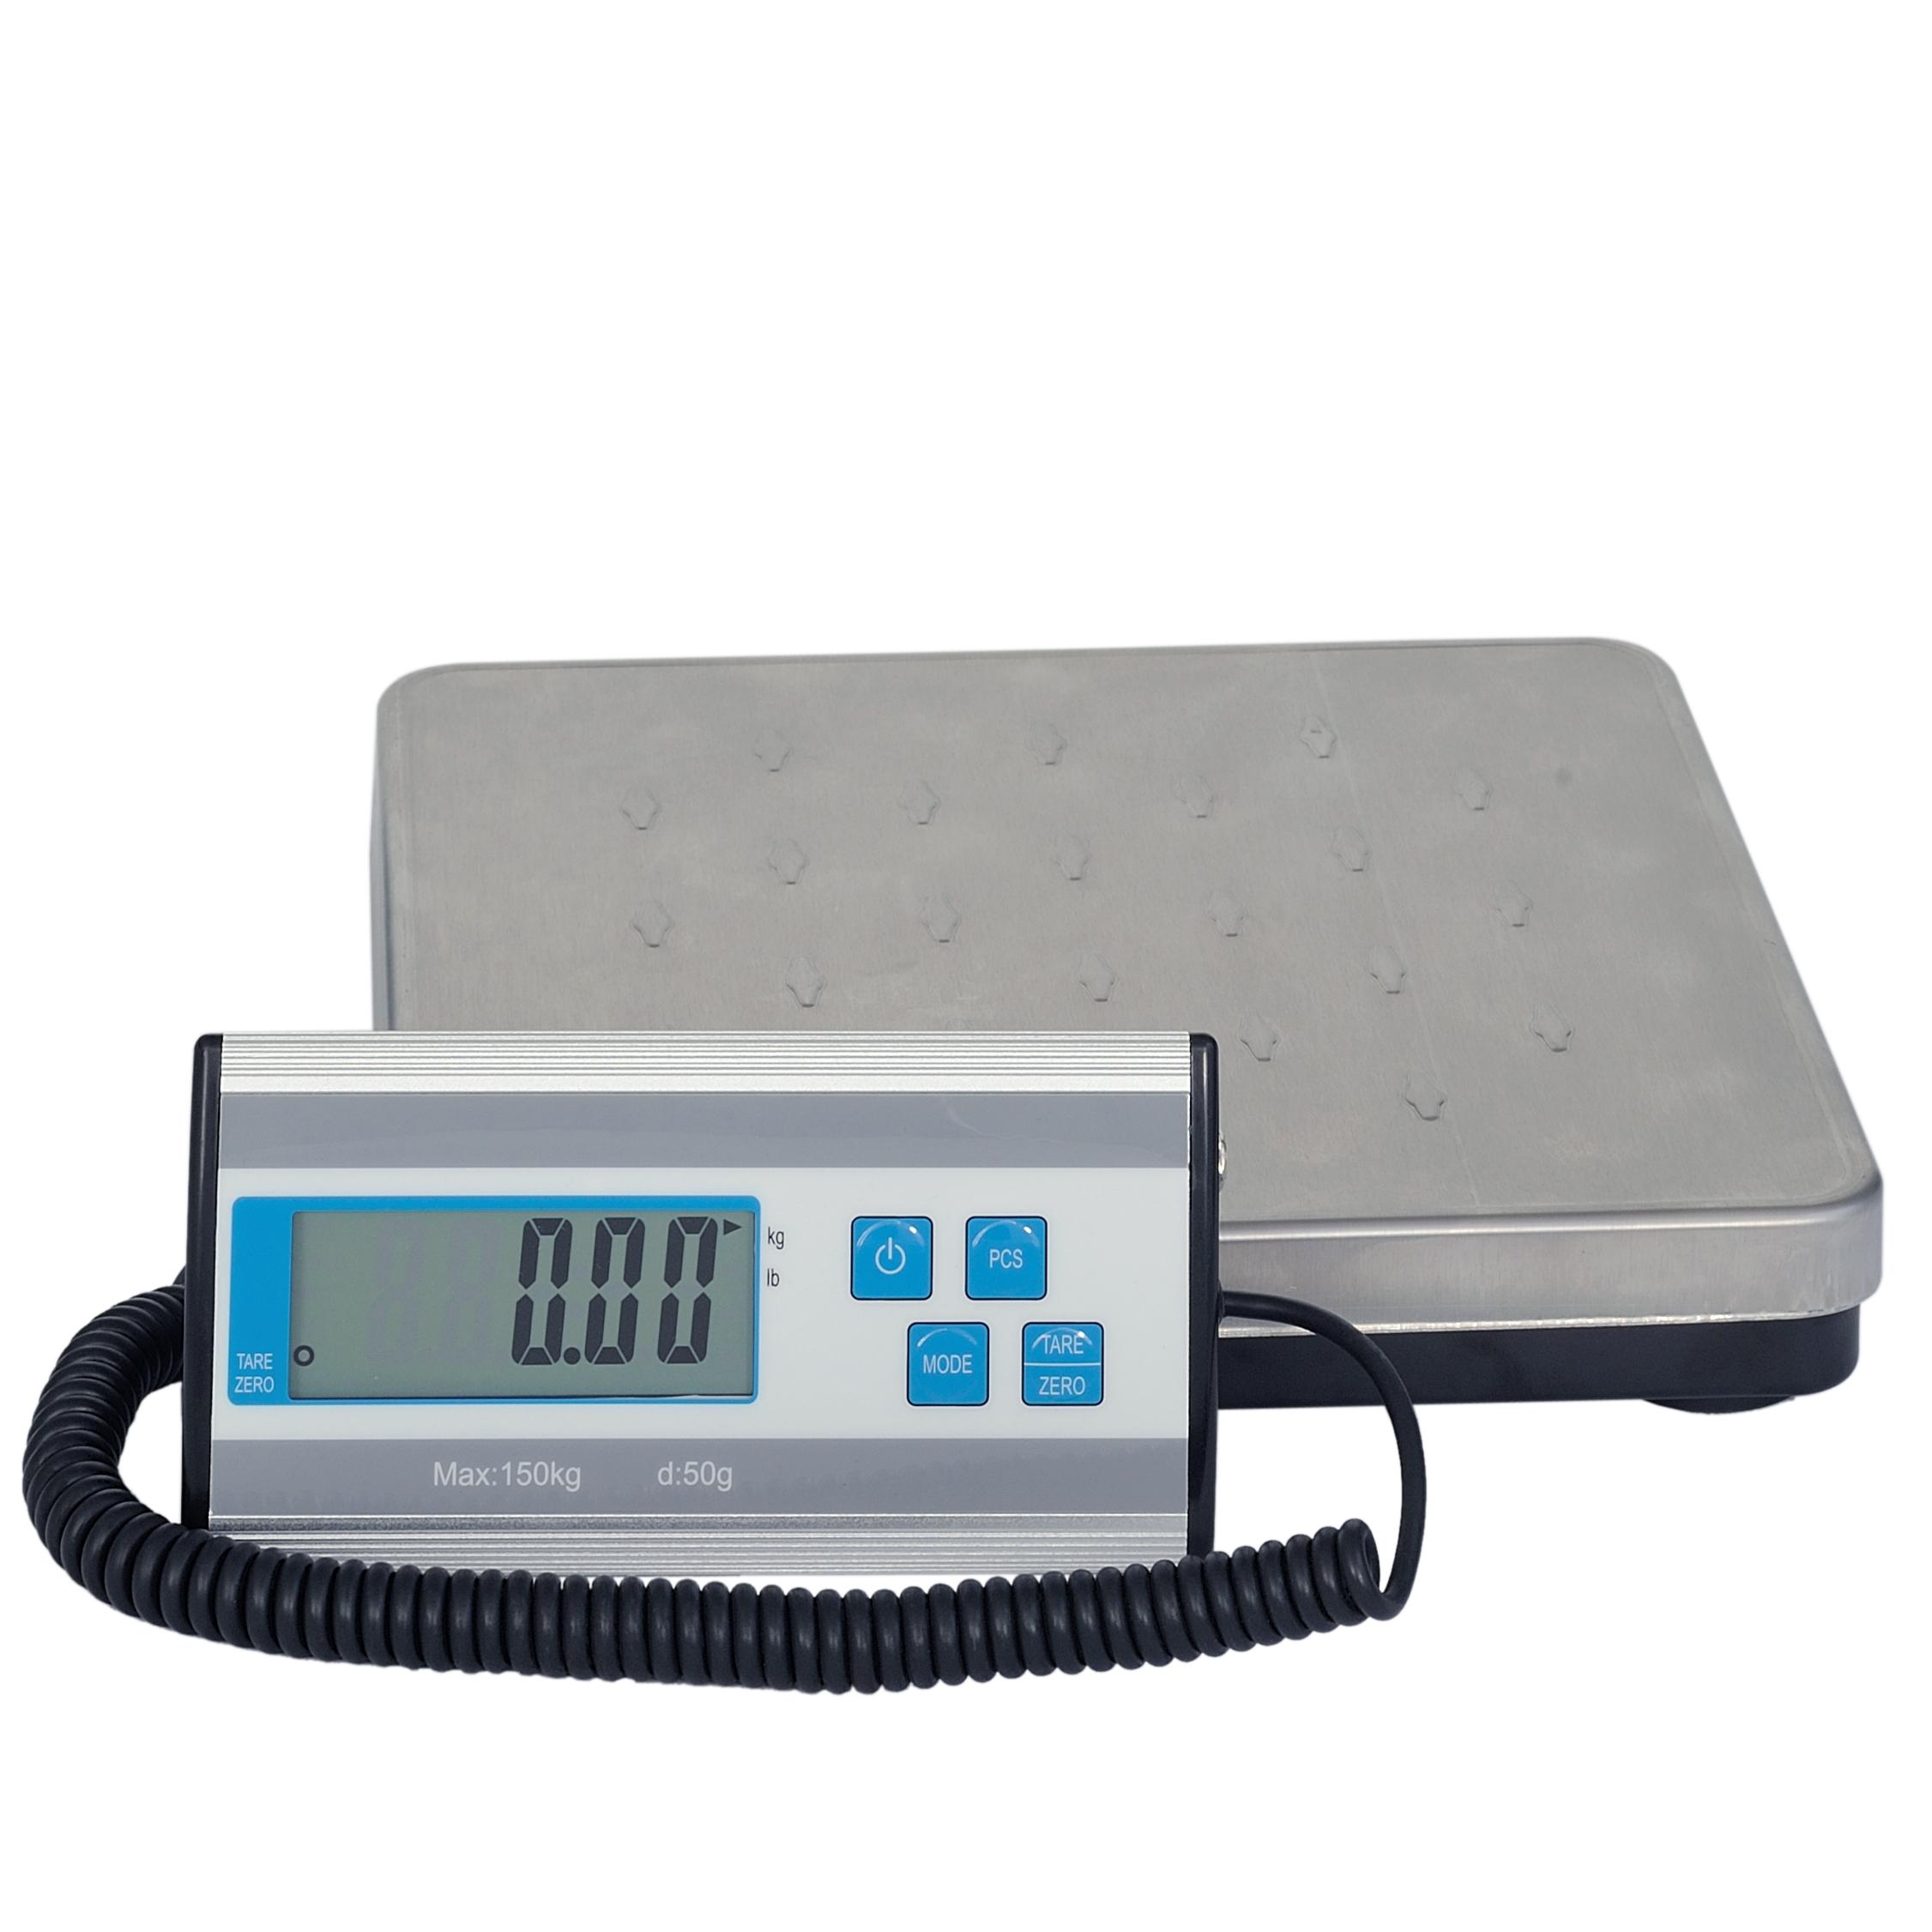 LESAK HCG, 120kg/20g, 270mmx270mm (Levná balíková váha pro kontrolní vážení s odděleným displejem a kufříkem)